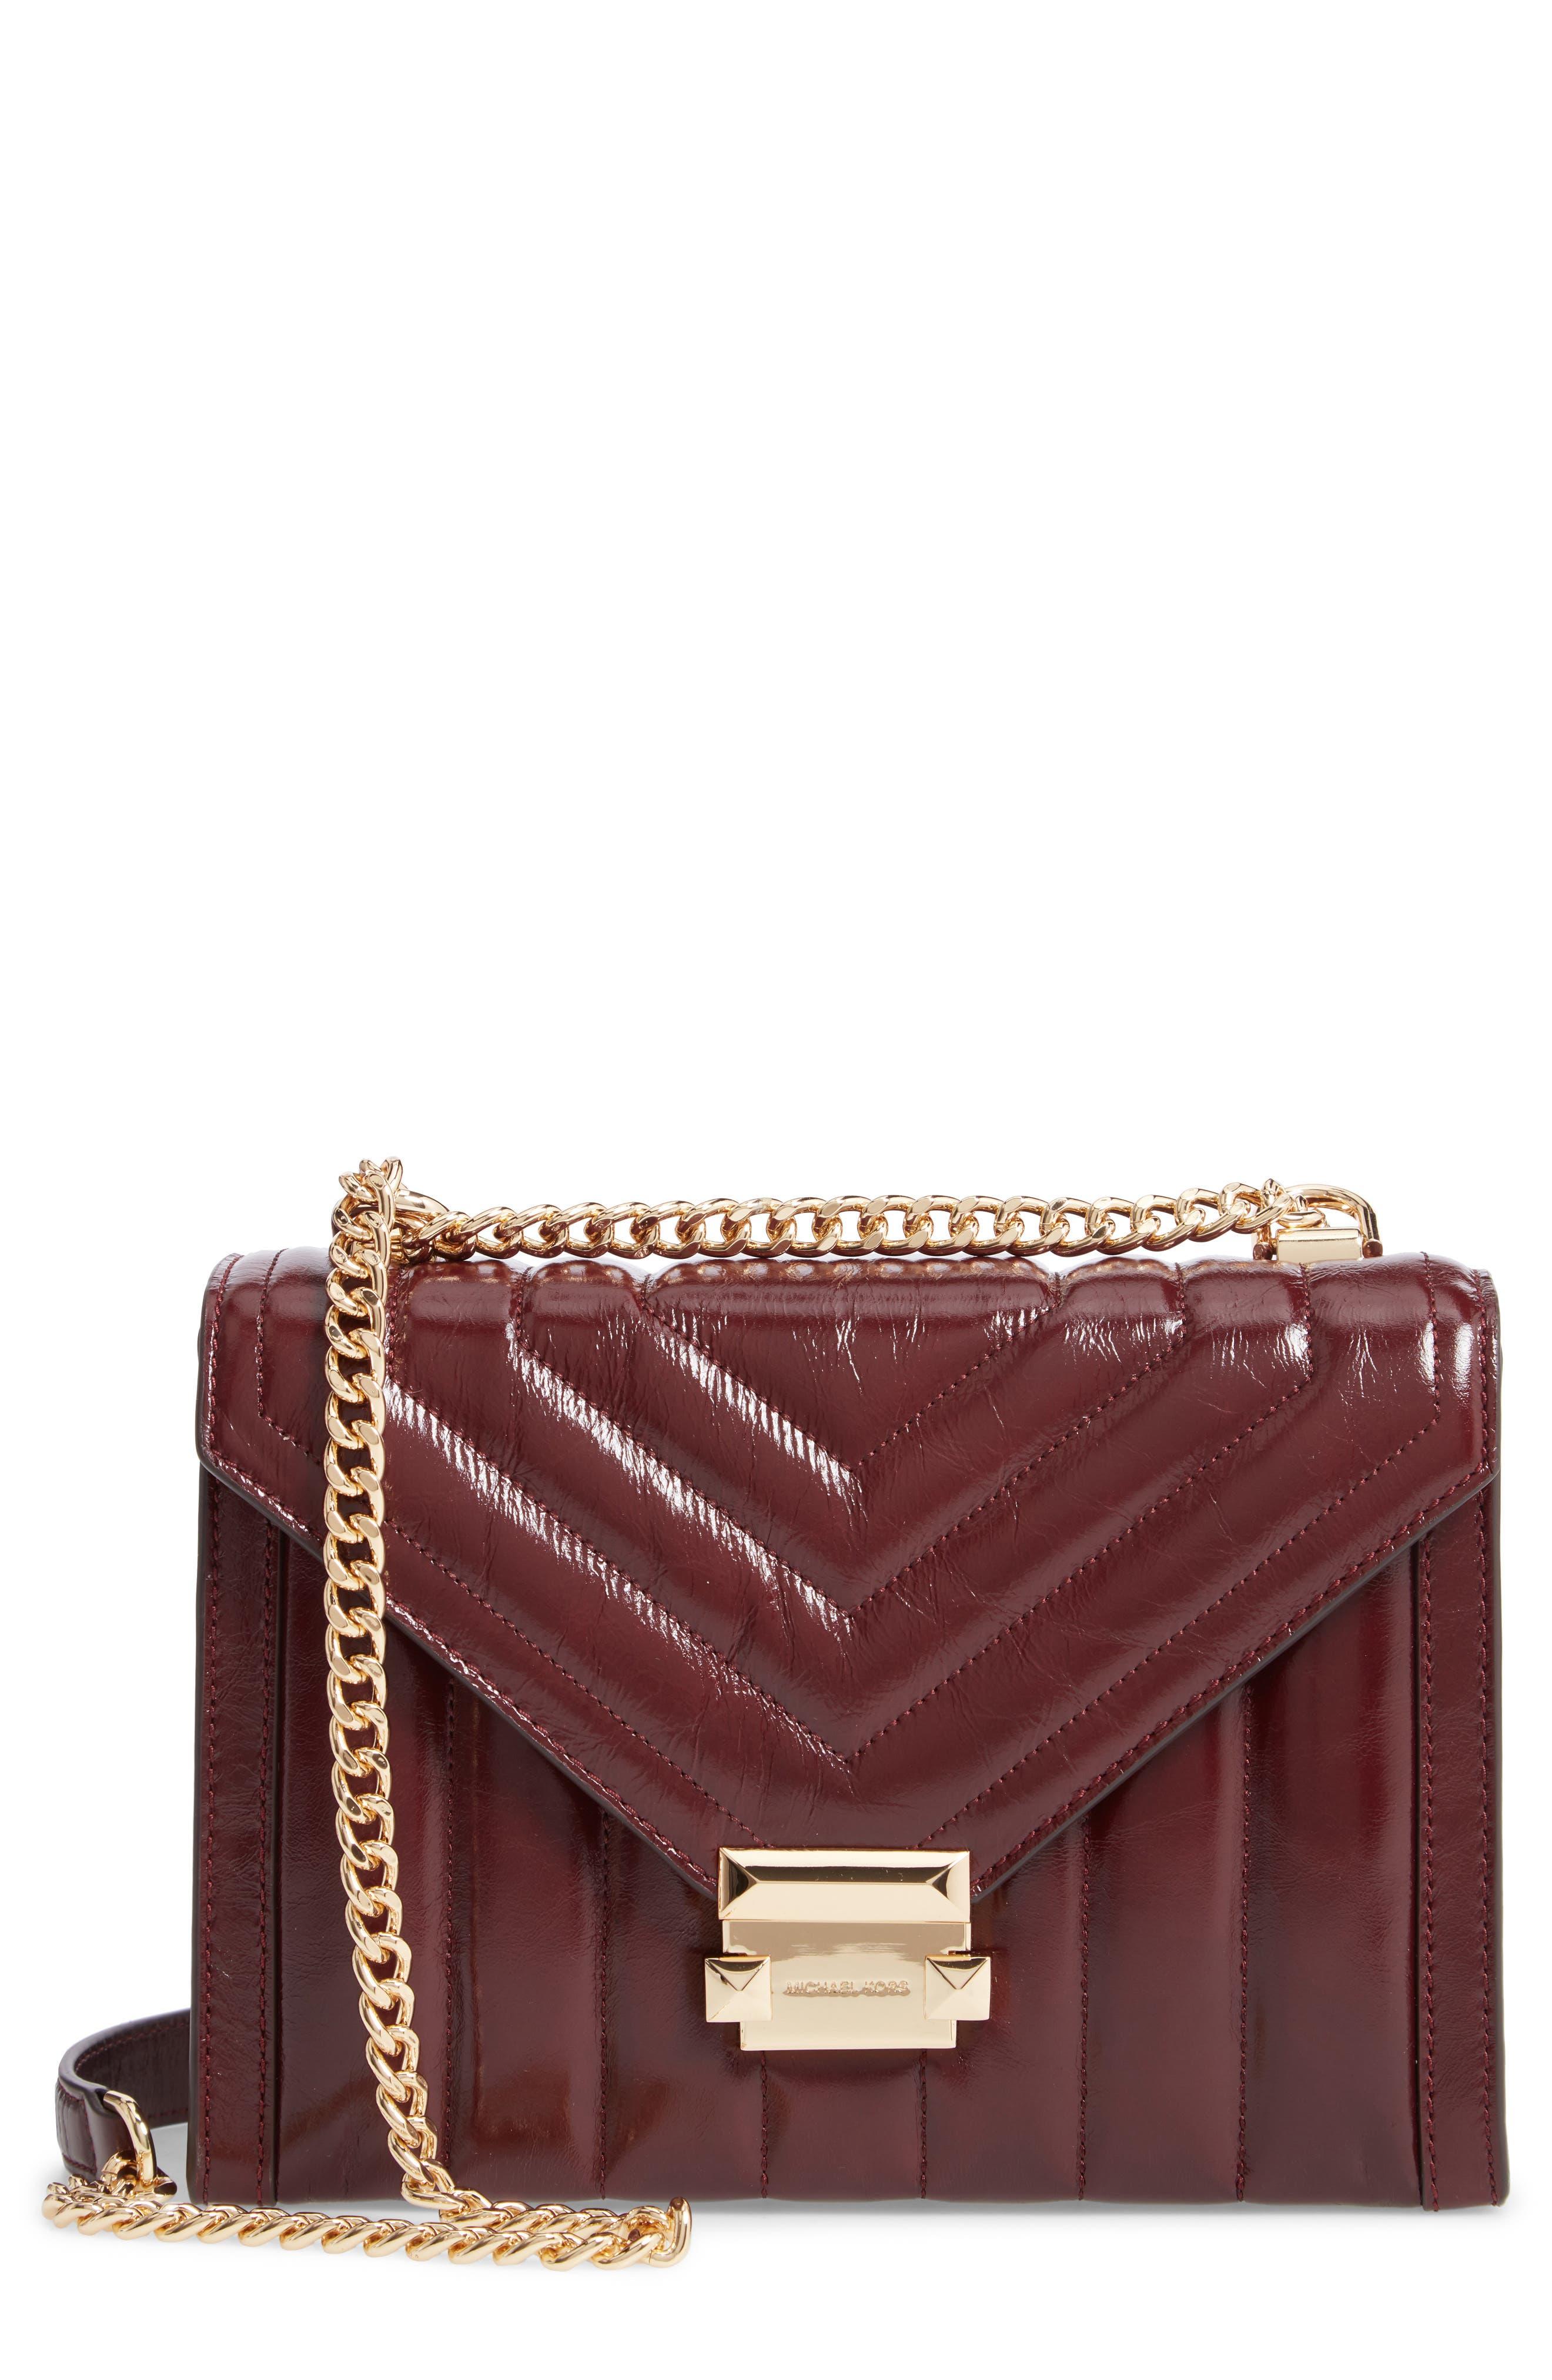 Large Quilted Leather Shoulder Bag - Burgundy in Oxblood